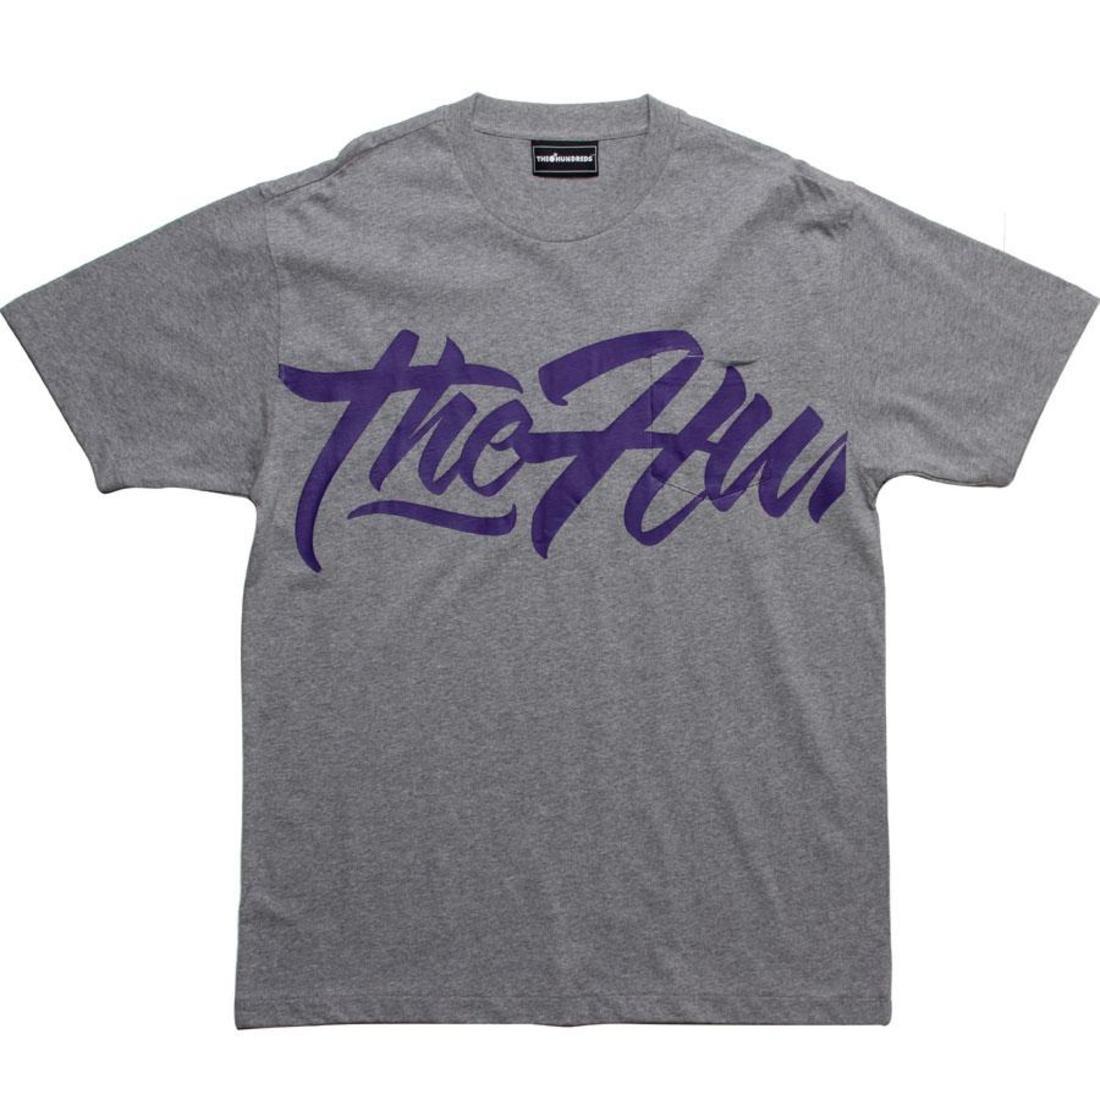 【海外限定】Tシャツ トップス メンズファッション 【 THE HUNDREDS EXTRA POCKET TEE HEATHER GREY 】